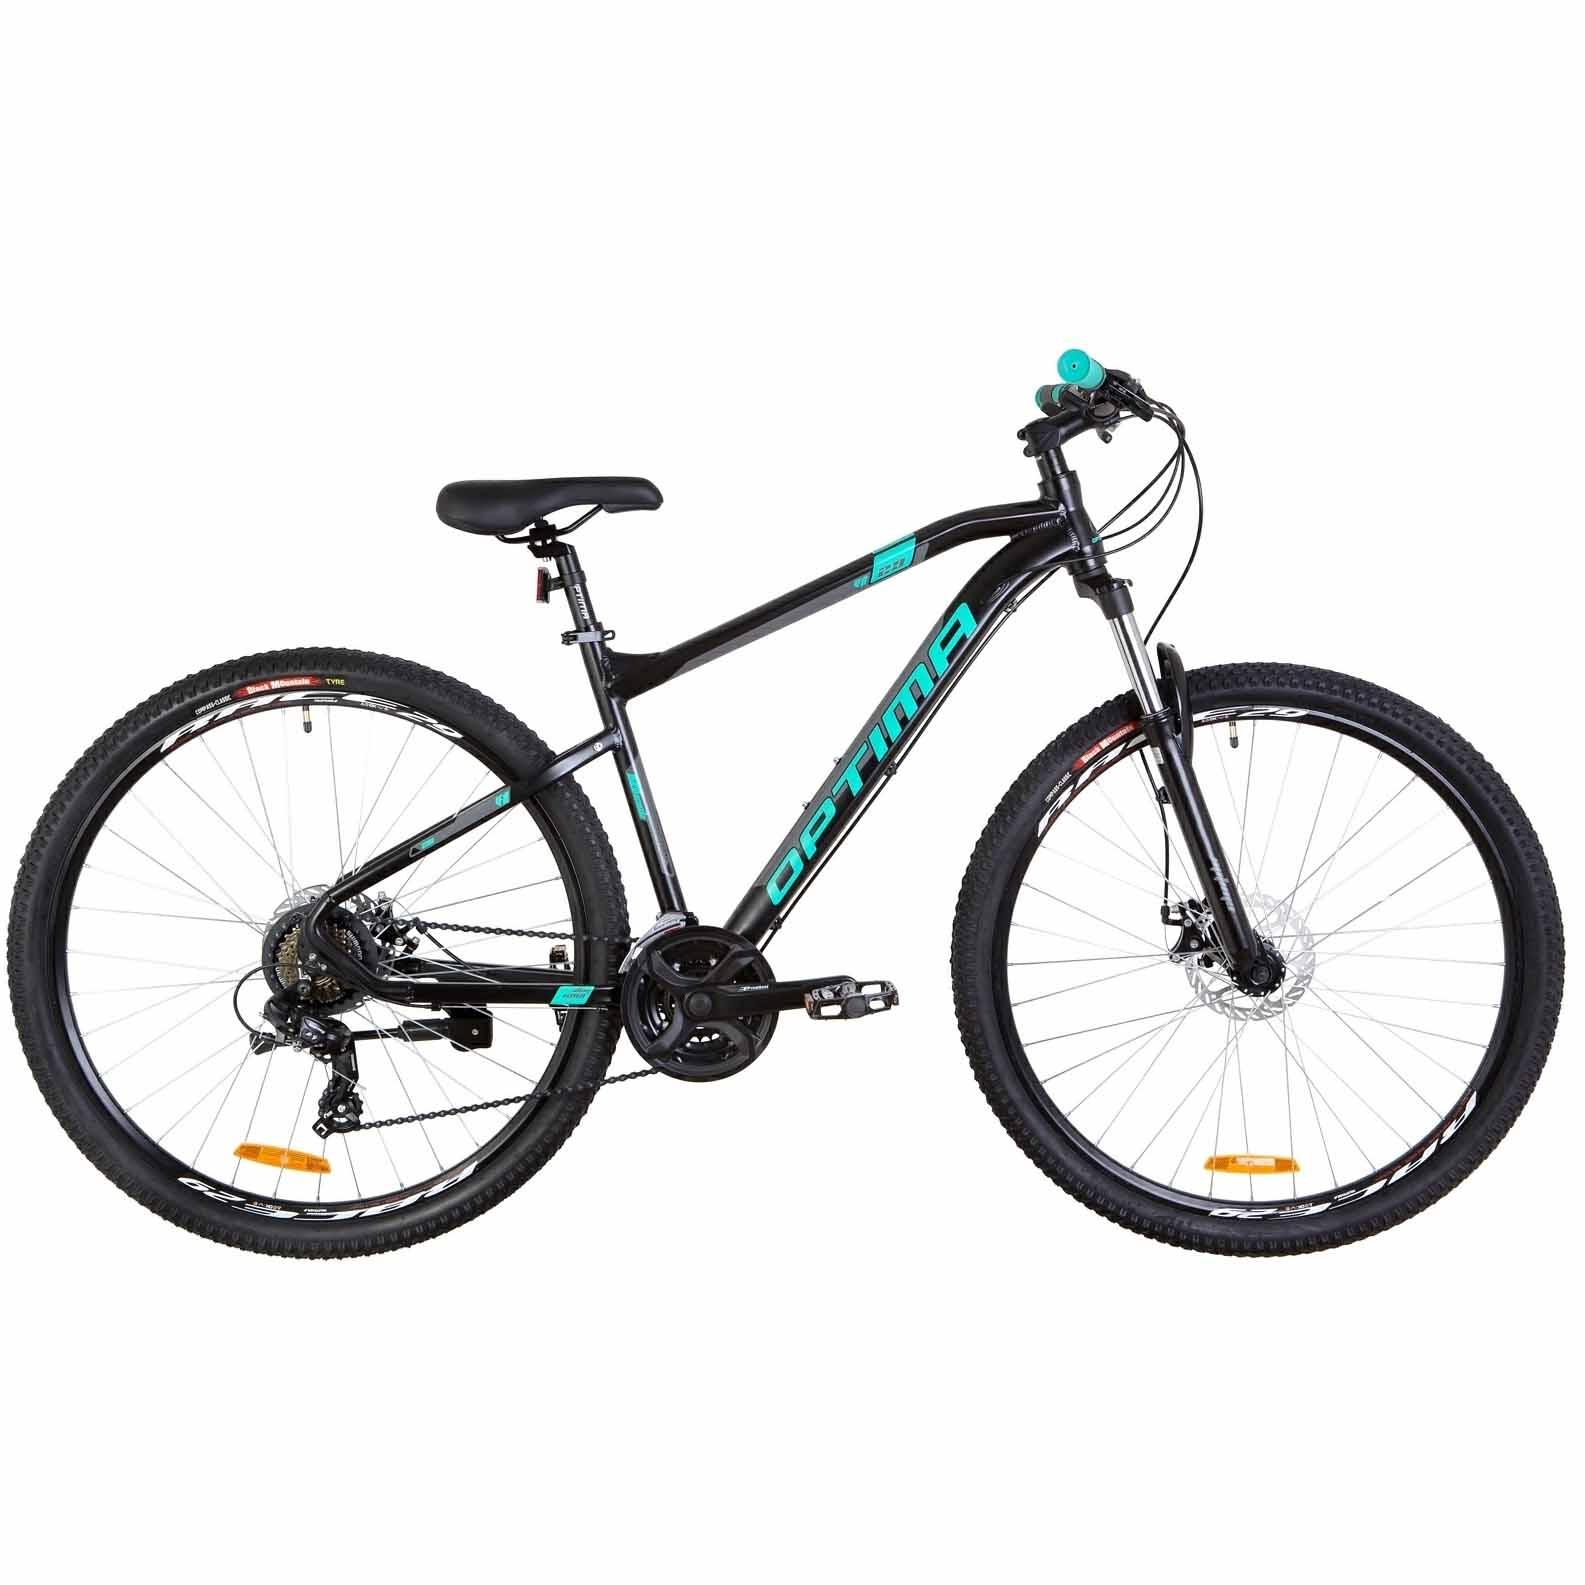 Фото Горный Велосипед 26 Optimabikes F-1 DD  рама-18 черно-бирюзовый (м)   2019